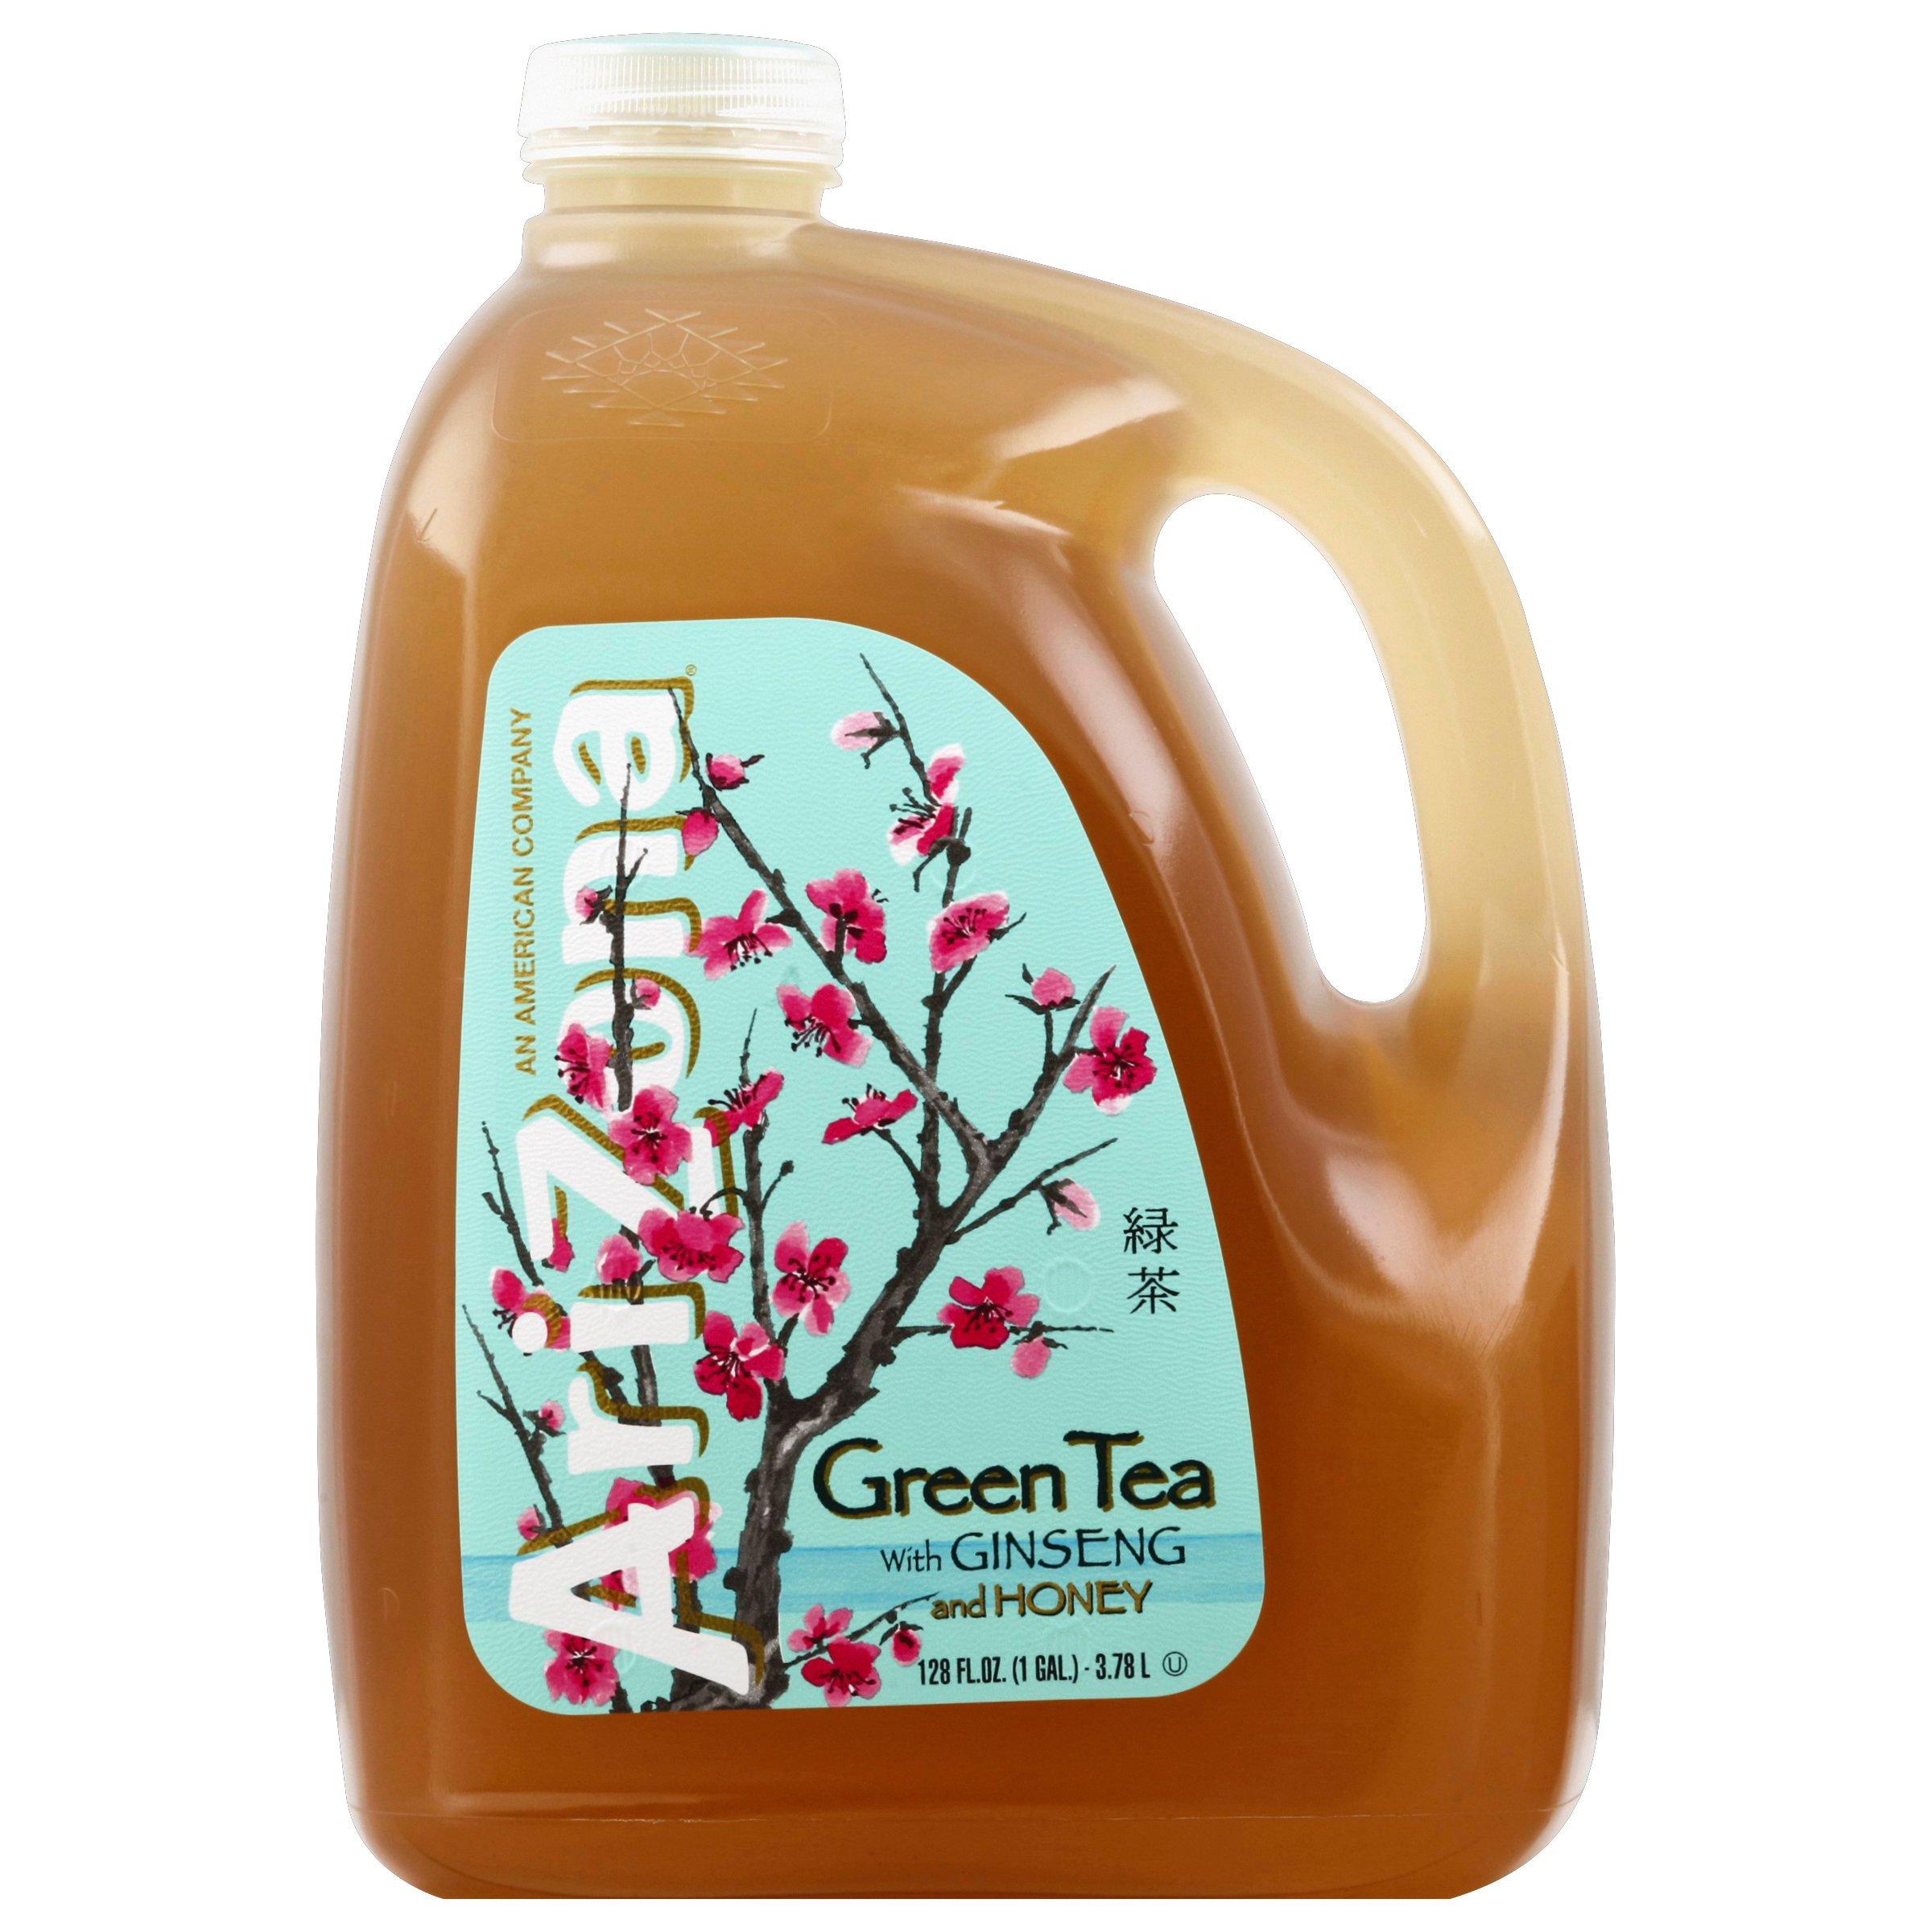 Arizona Green Tea With Ginseng And Honey Shop Tea At H E B